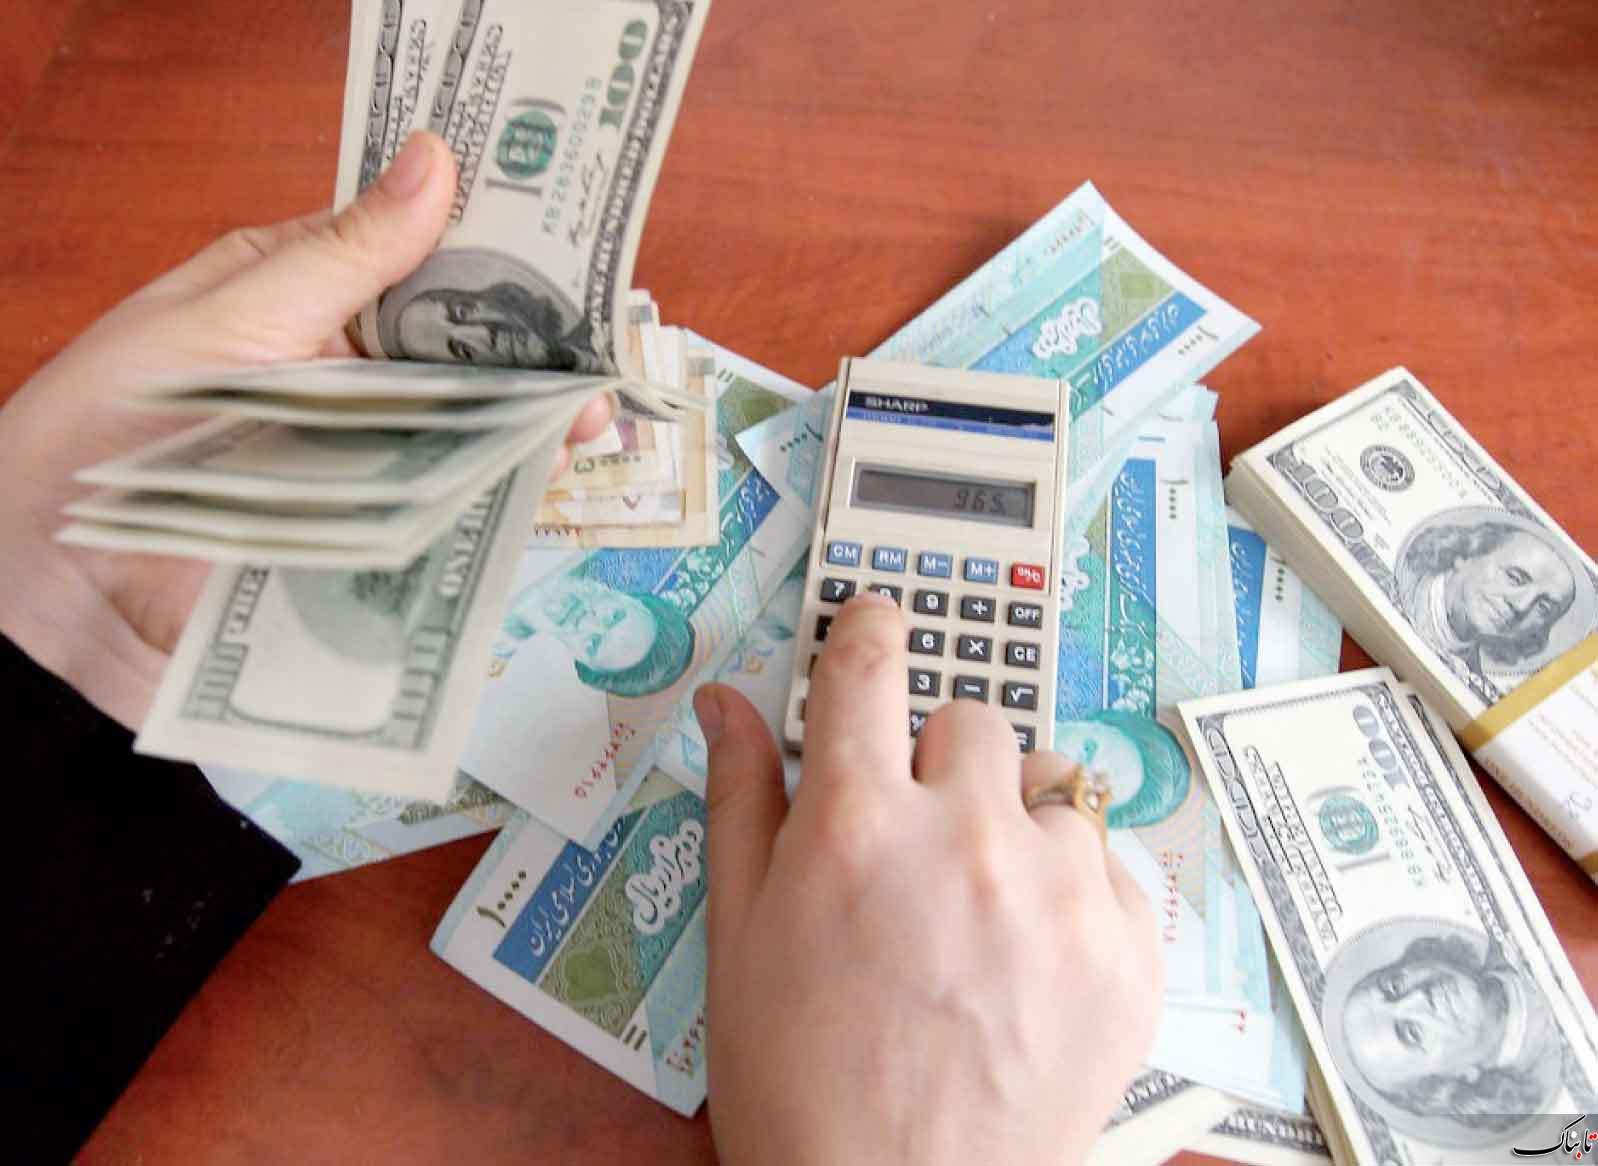 قیمت دلار و یورو امروز شنبه 10 اسفند 98/ کاهش 800 تومانی دلار در صرافی های بانکی